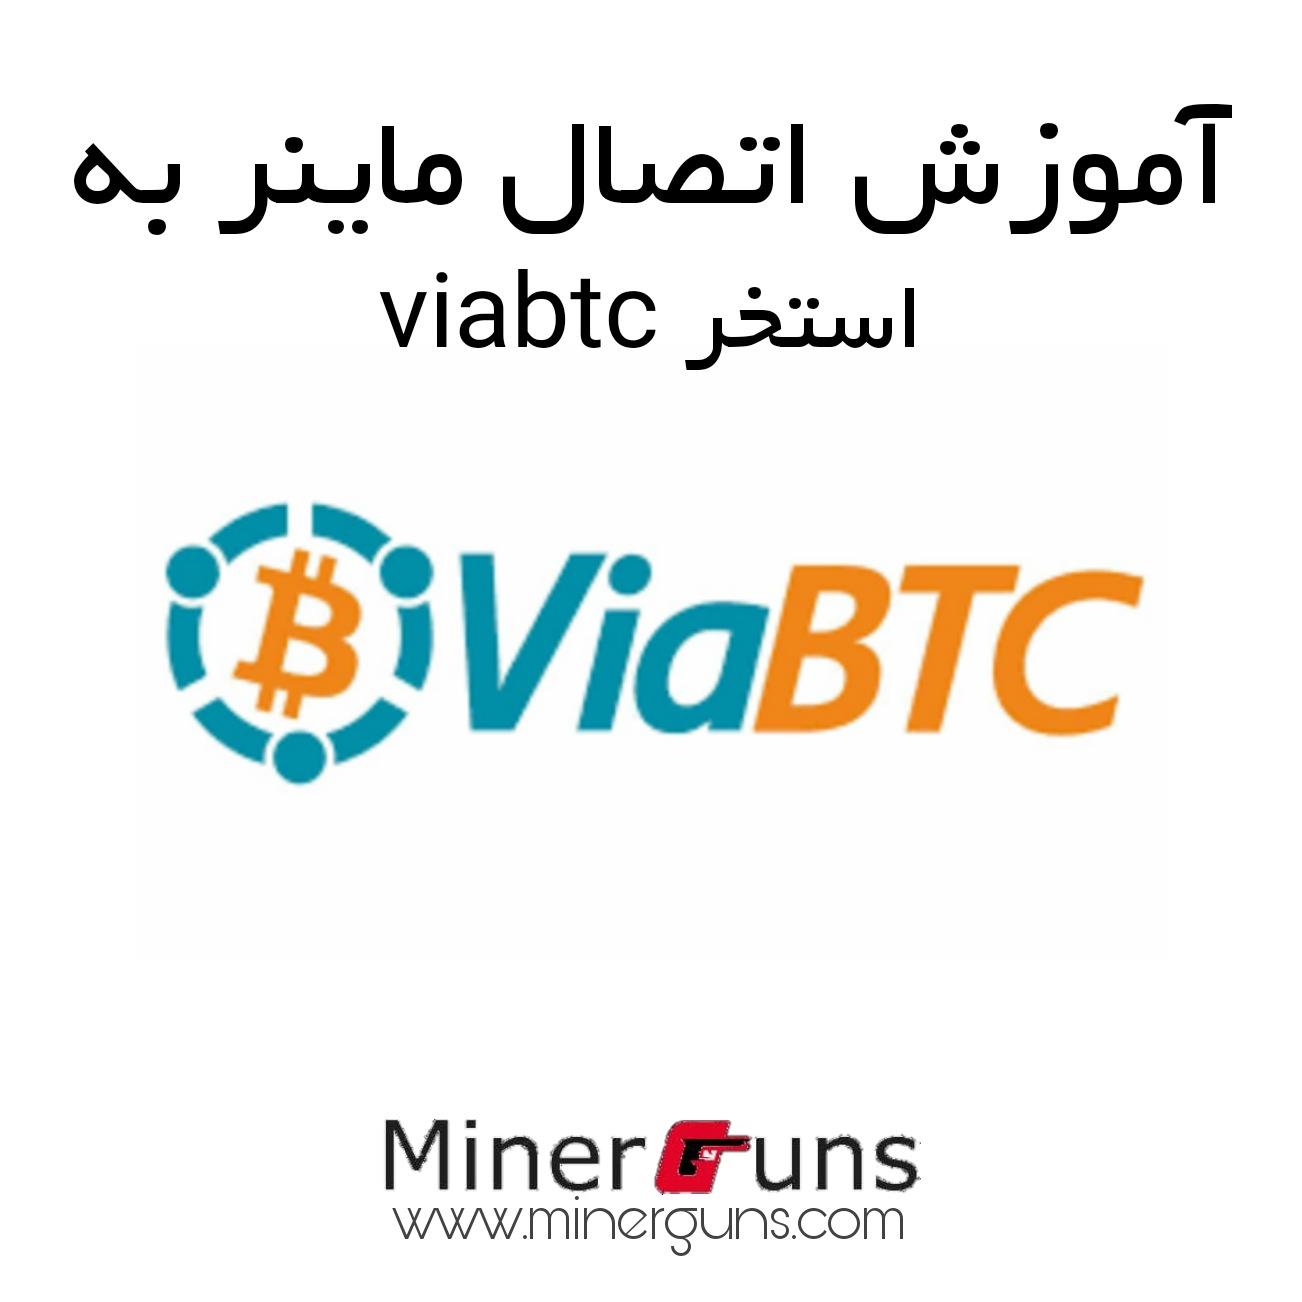 آموزش ساخت اکانت در استخر viabtc